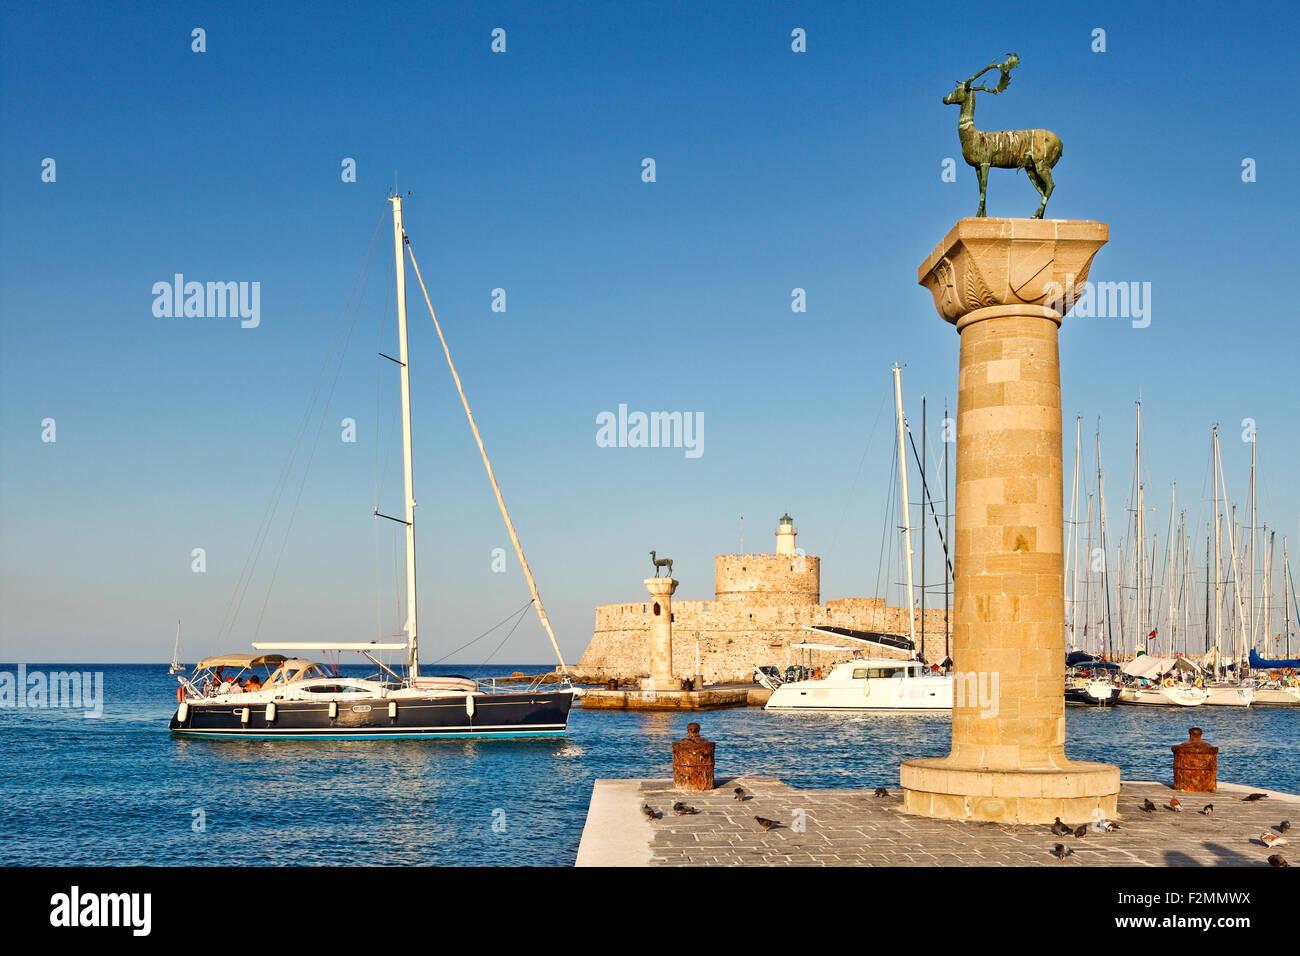 L'entrée avec les cerfs de l'ancien port de Rhodes, Grèce Photo Stock